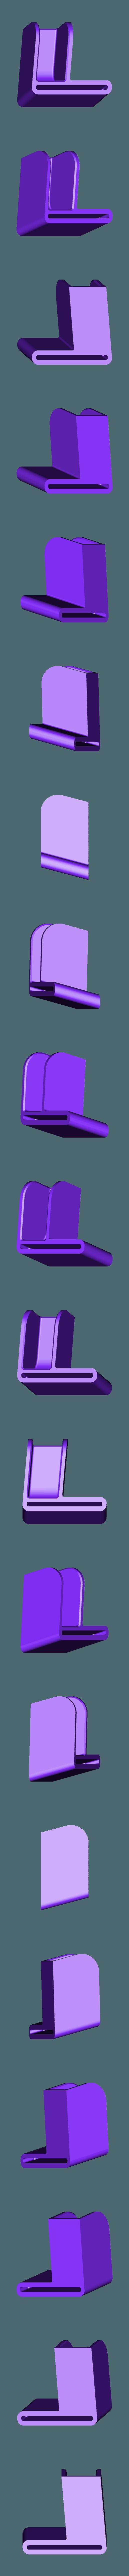 Phone_Strap_Mount_v1-4.STL Télécharger fichier STL gratuit Support pour téléphone de colonne de direction • Design imprimable en 3D, WalterHsiao